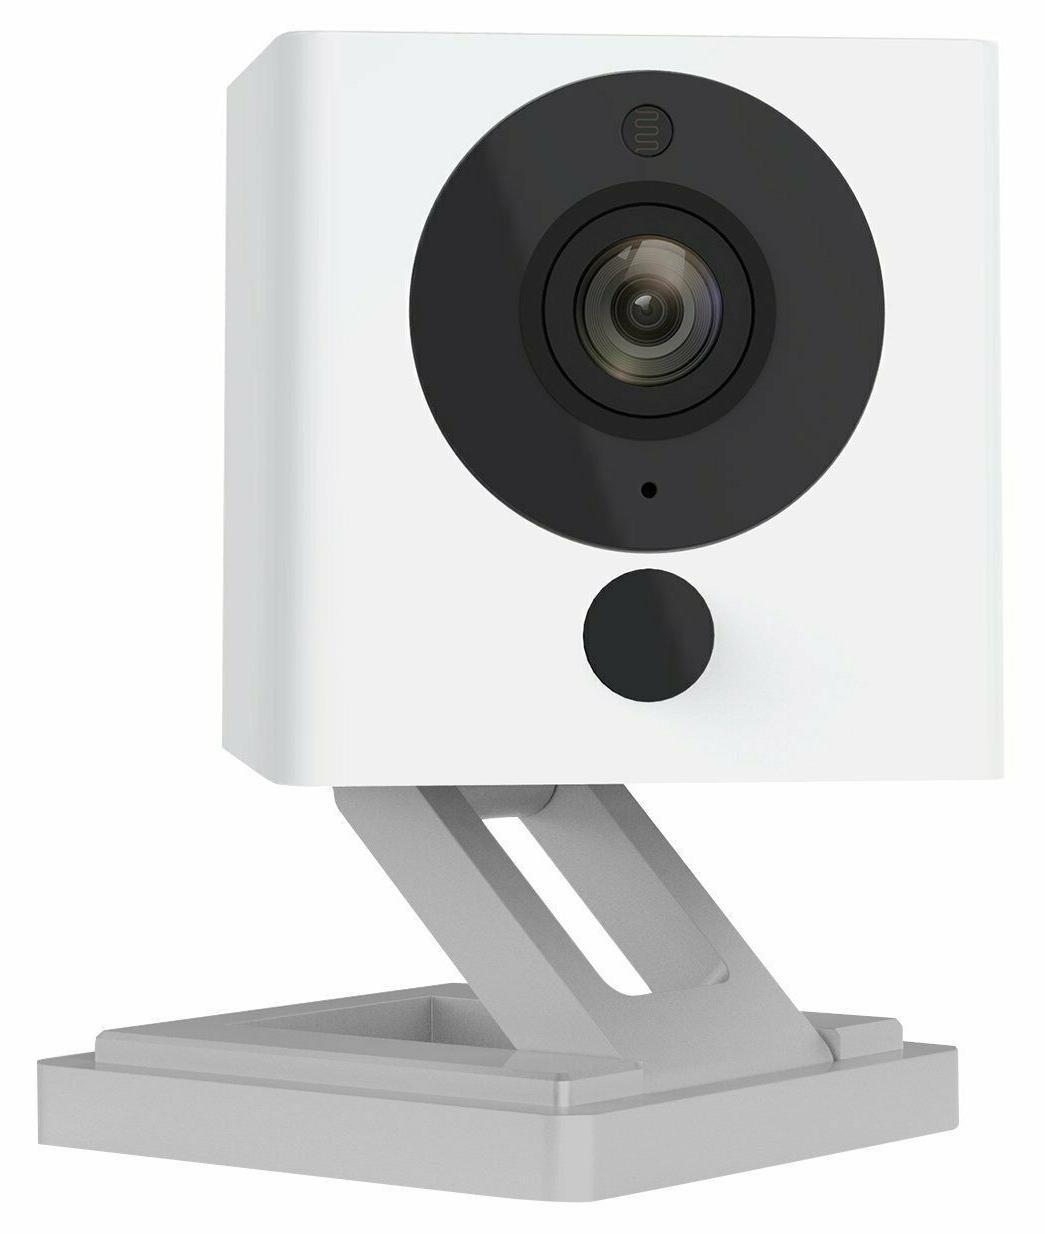 Camara Para Casa De Seguridad Profesional Alexa Home Securit